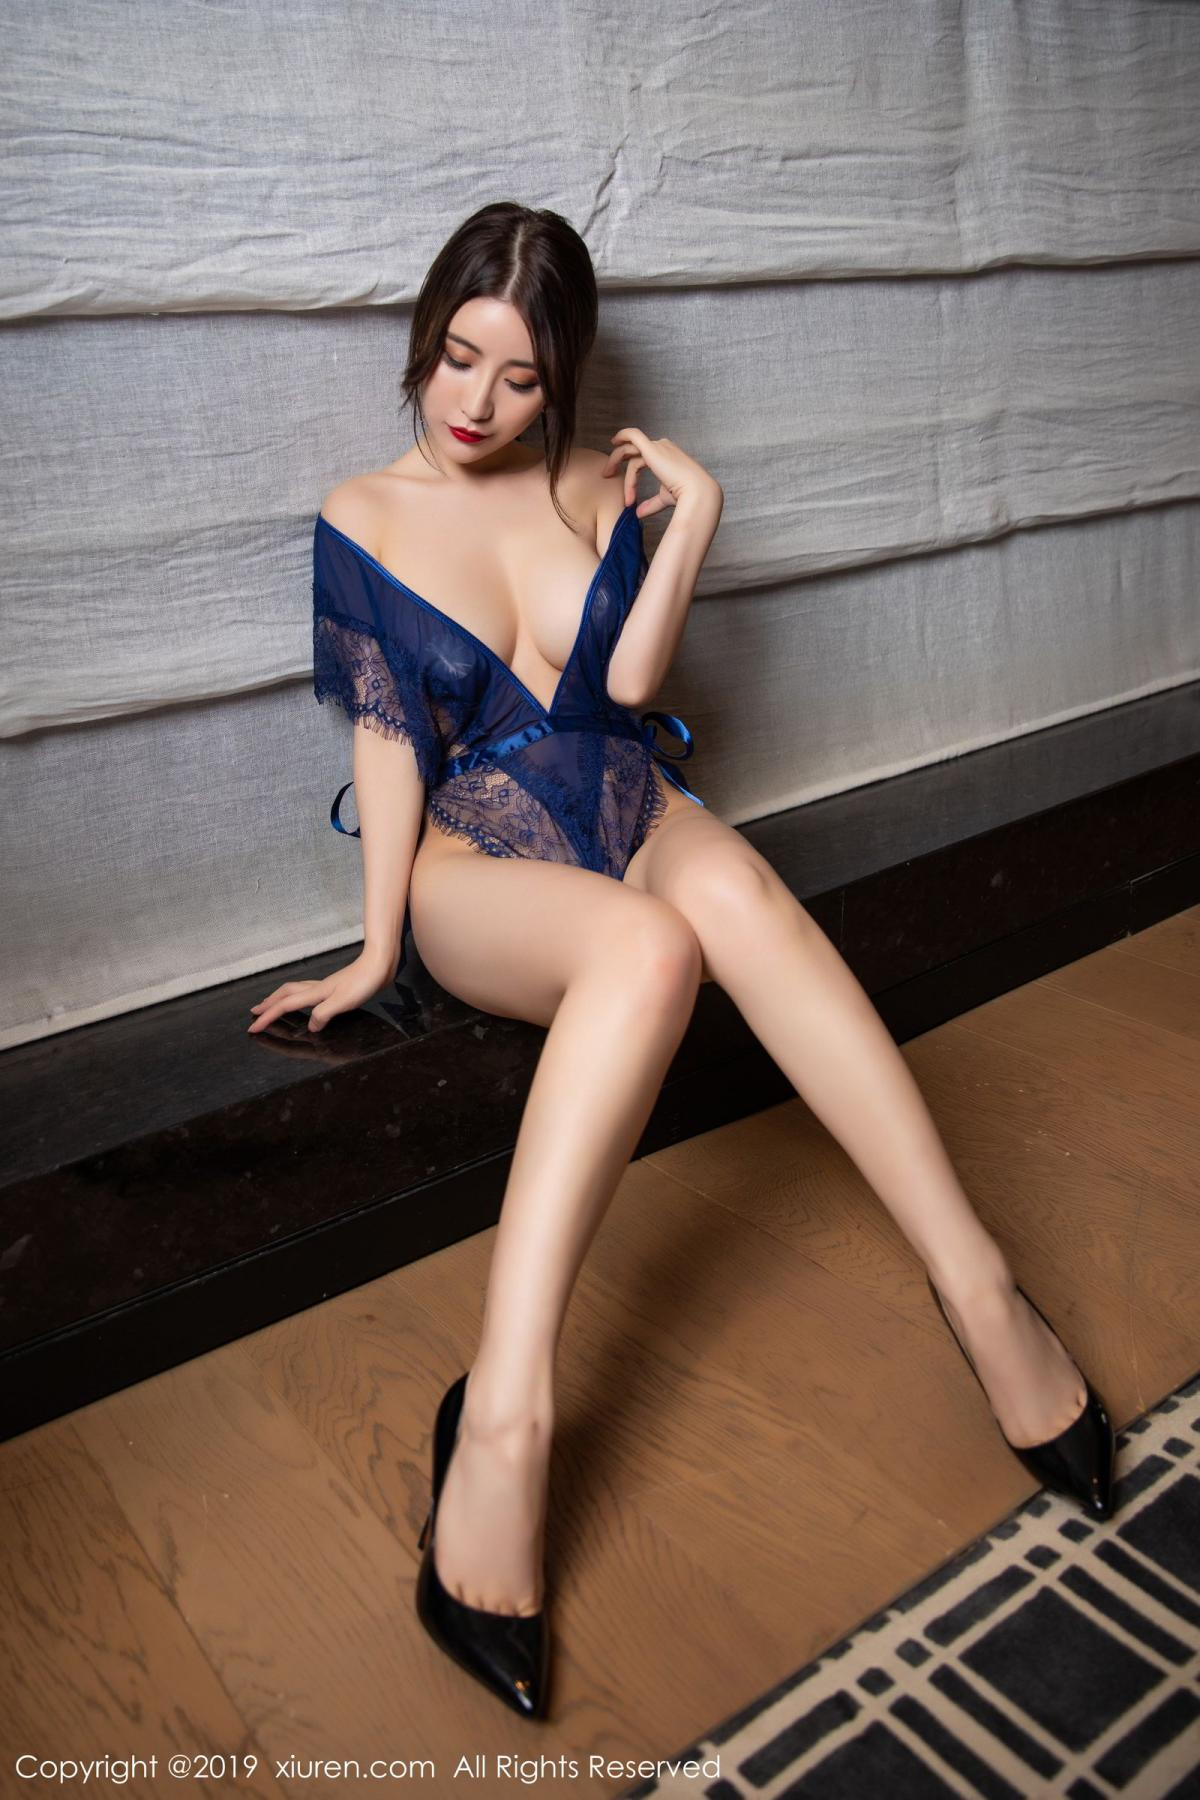 [XiuRen] Vol.1589 Xie Zhi Xin 51P, Sexy, Underwear, Xie Zhi Xin, Xiuren